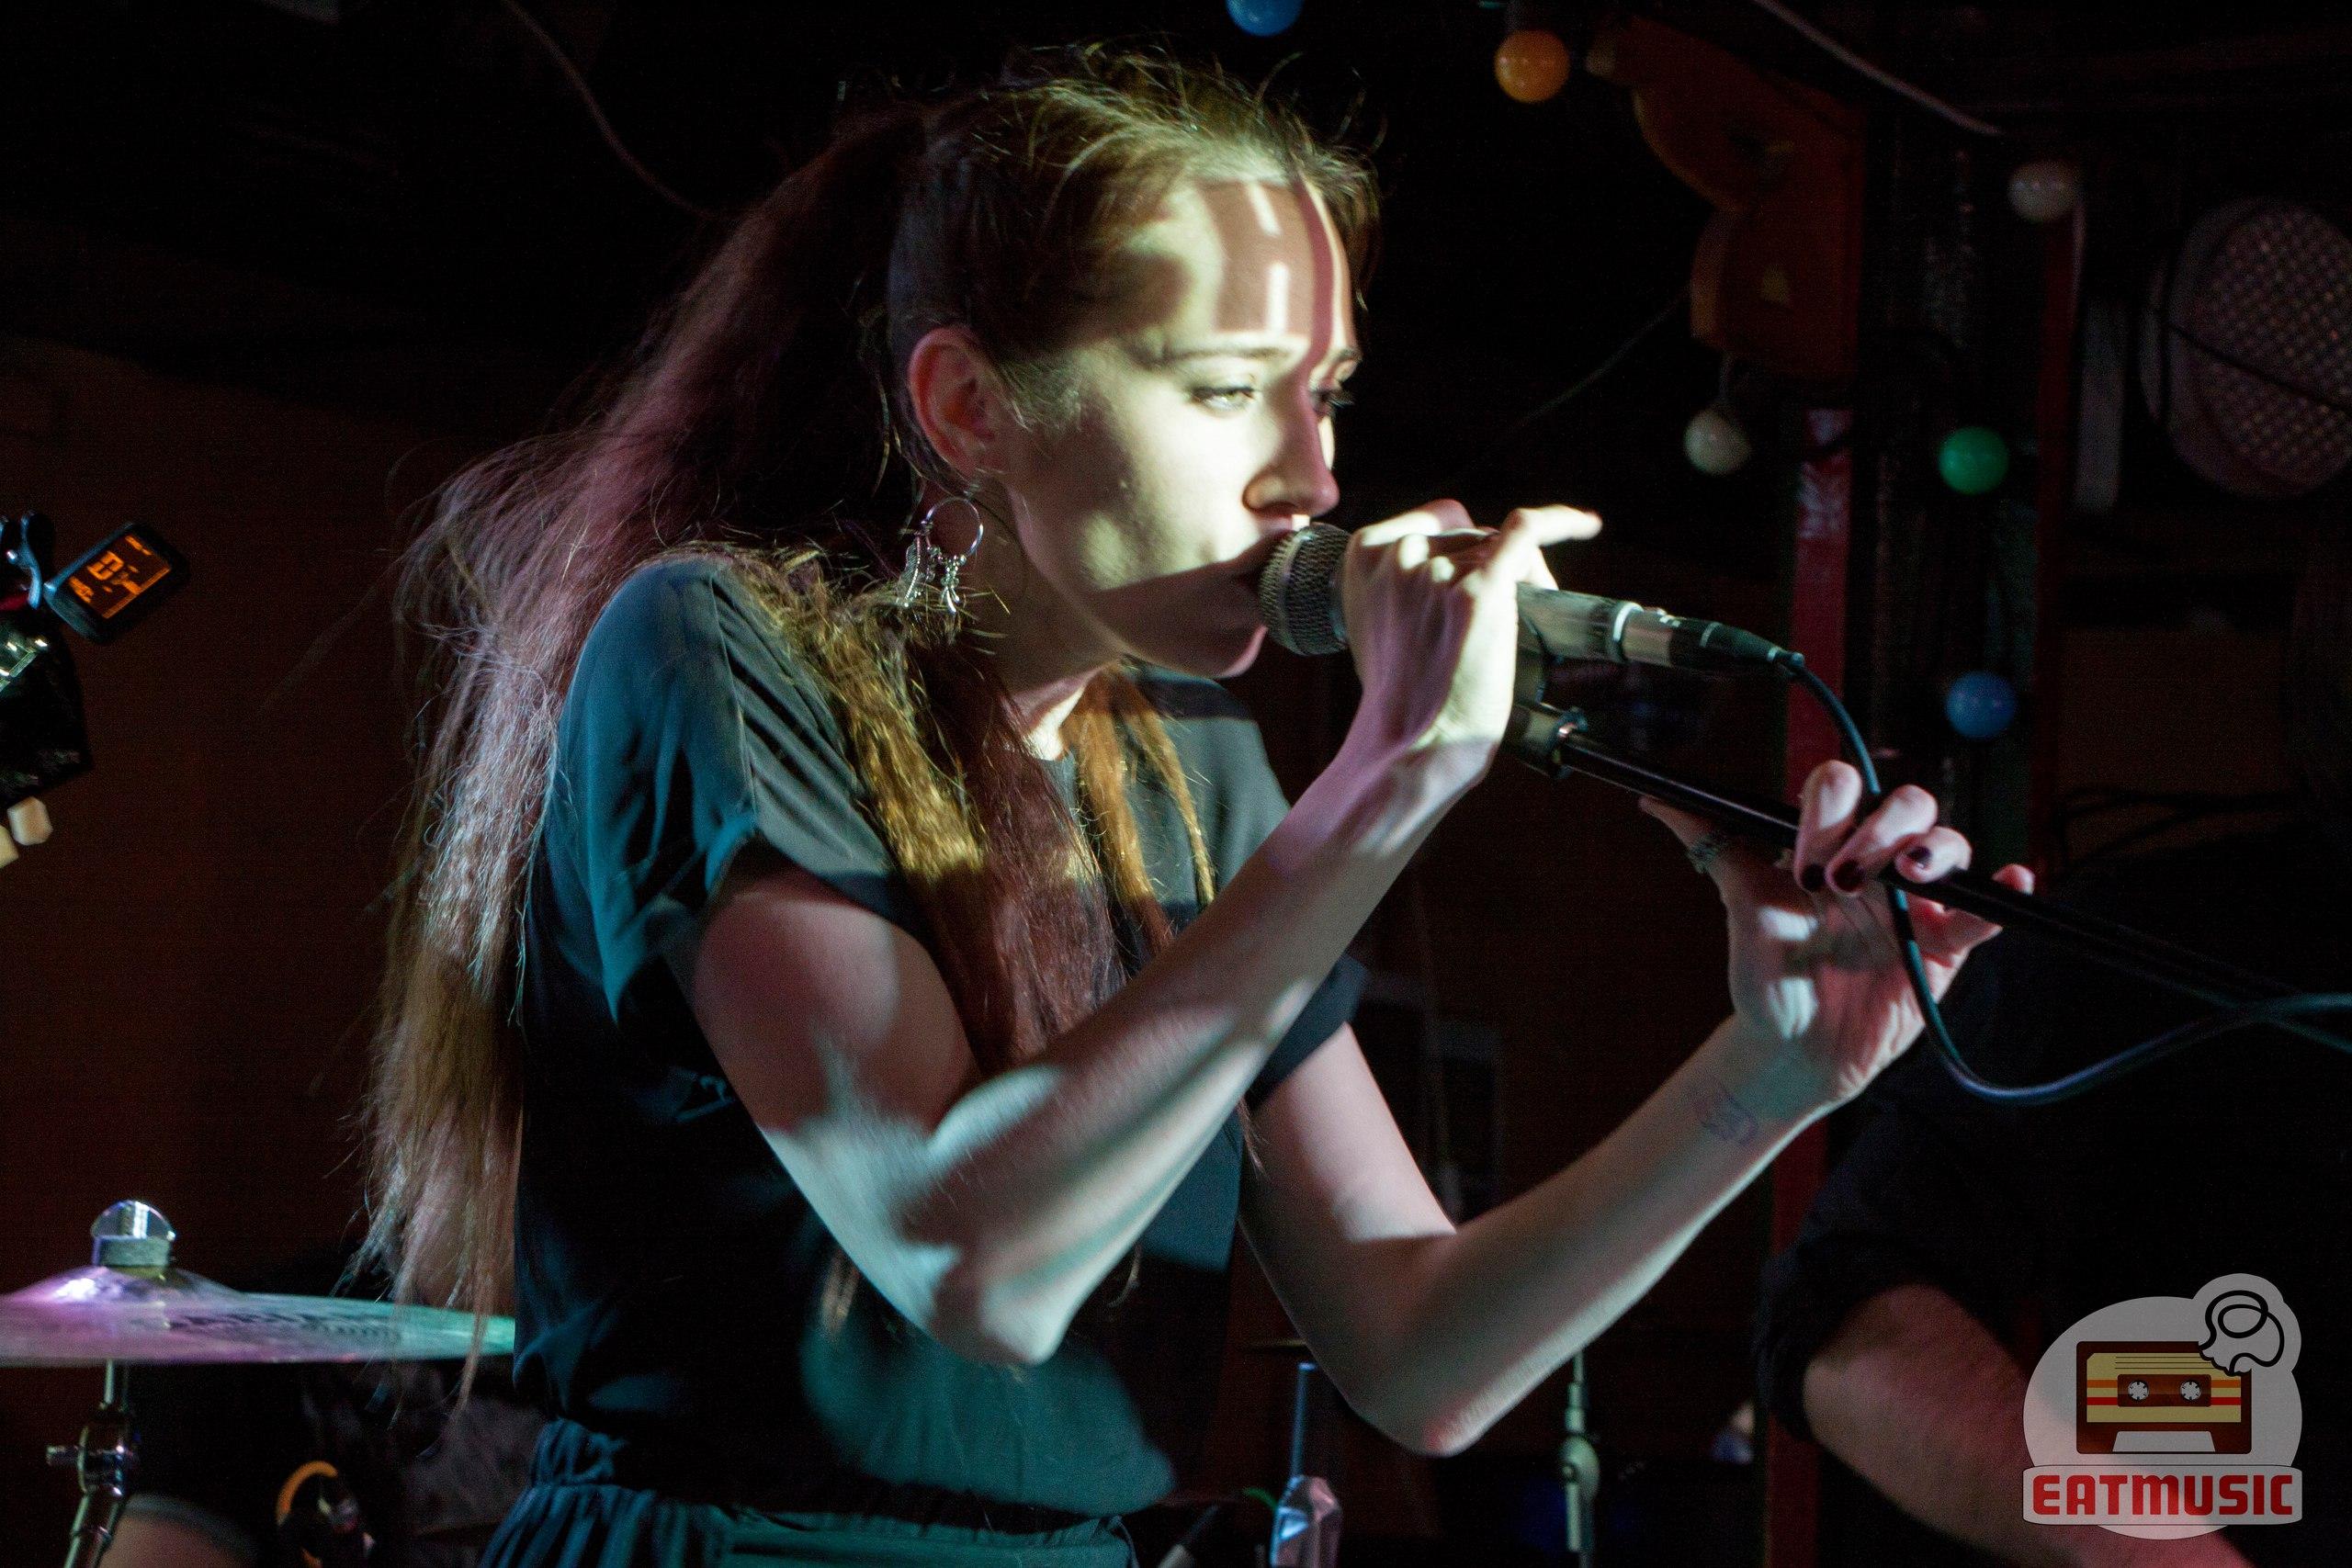 Концерт группы Fish Out Of Water в Джао Да 16 февраля: репортаж, фото Евгения Ефремова